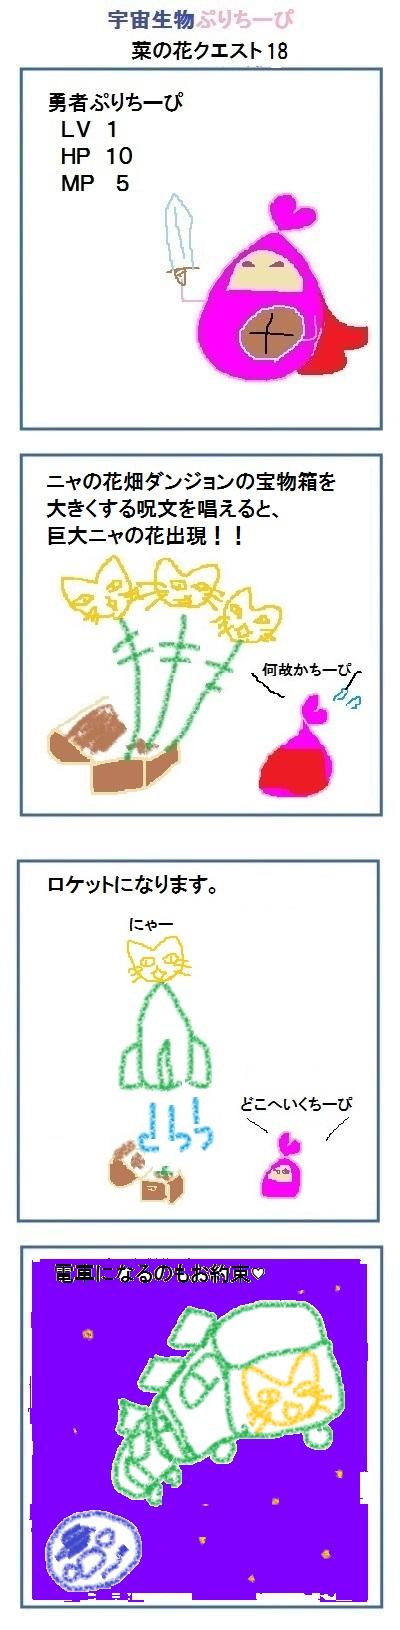 160331菜の花18